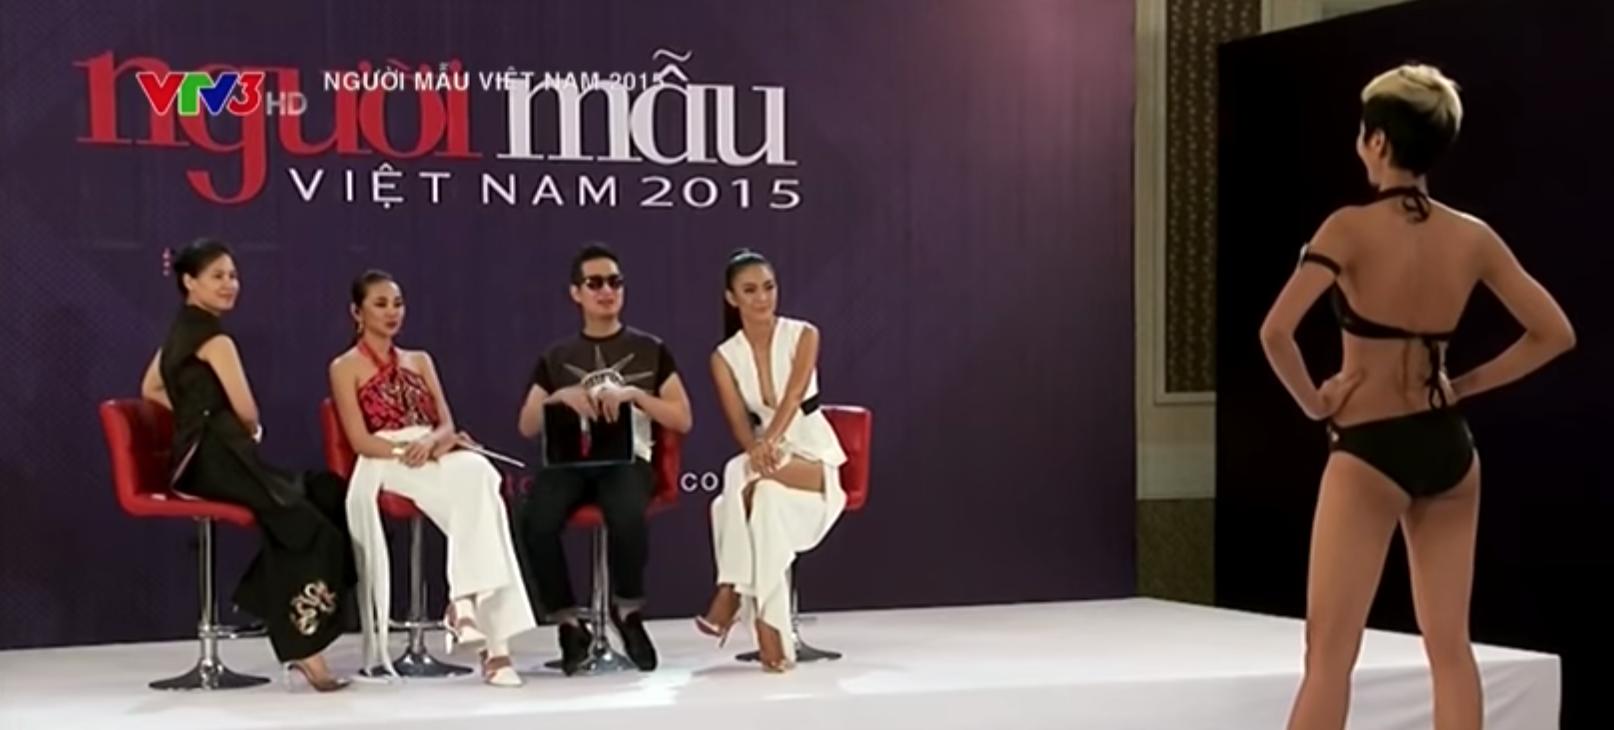 Lại thêm bất ngờ, Á hậu Mâu Thủy từng là giám khảo tuyển sinh Hoa hậu HHen Niê tại Next Top Model! - Ảnh 5.